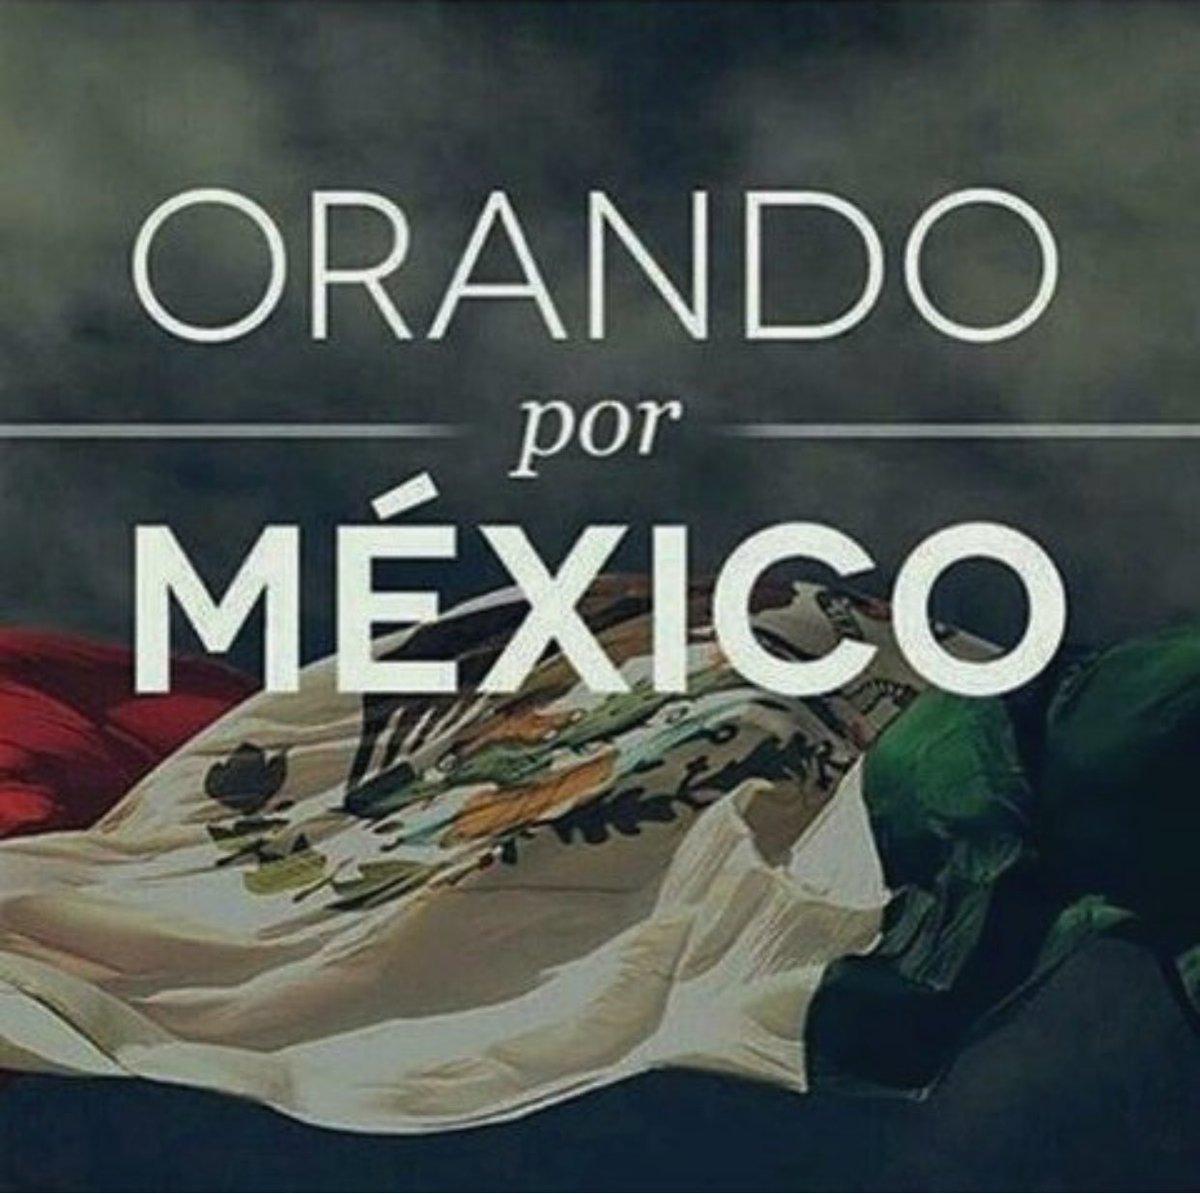 Mi corazón, pensamientos y oraciones, están con las familias y víctimas del terremoto en México. https://t.co/ZmXJ9eutPC